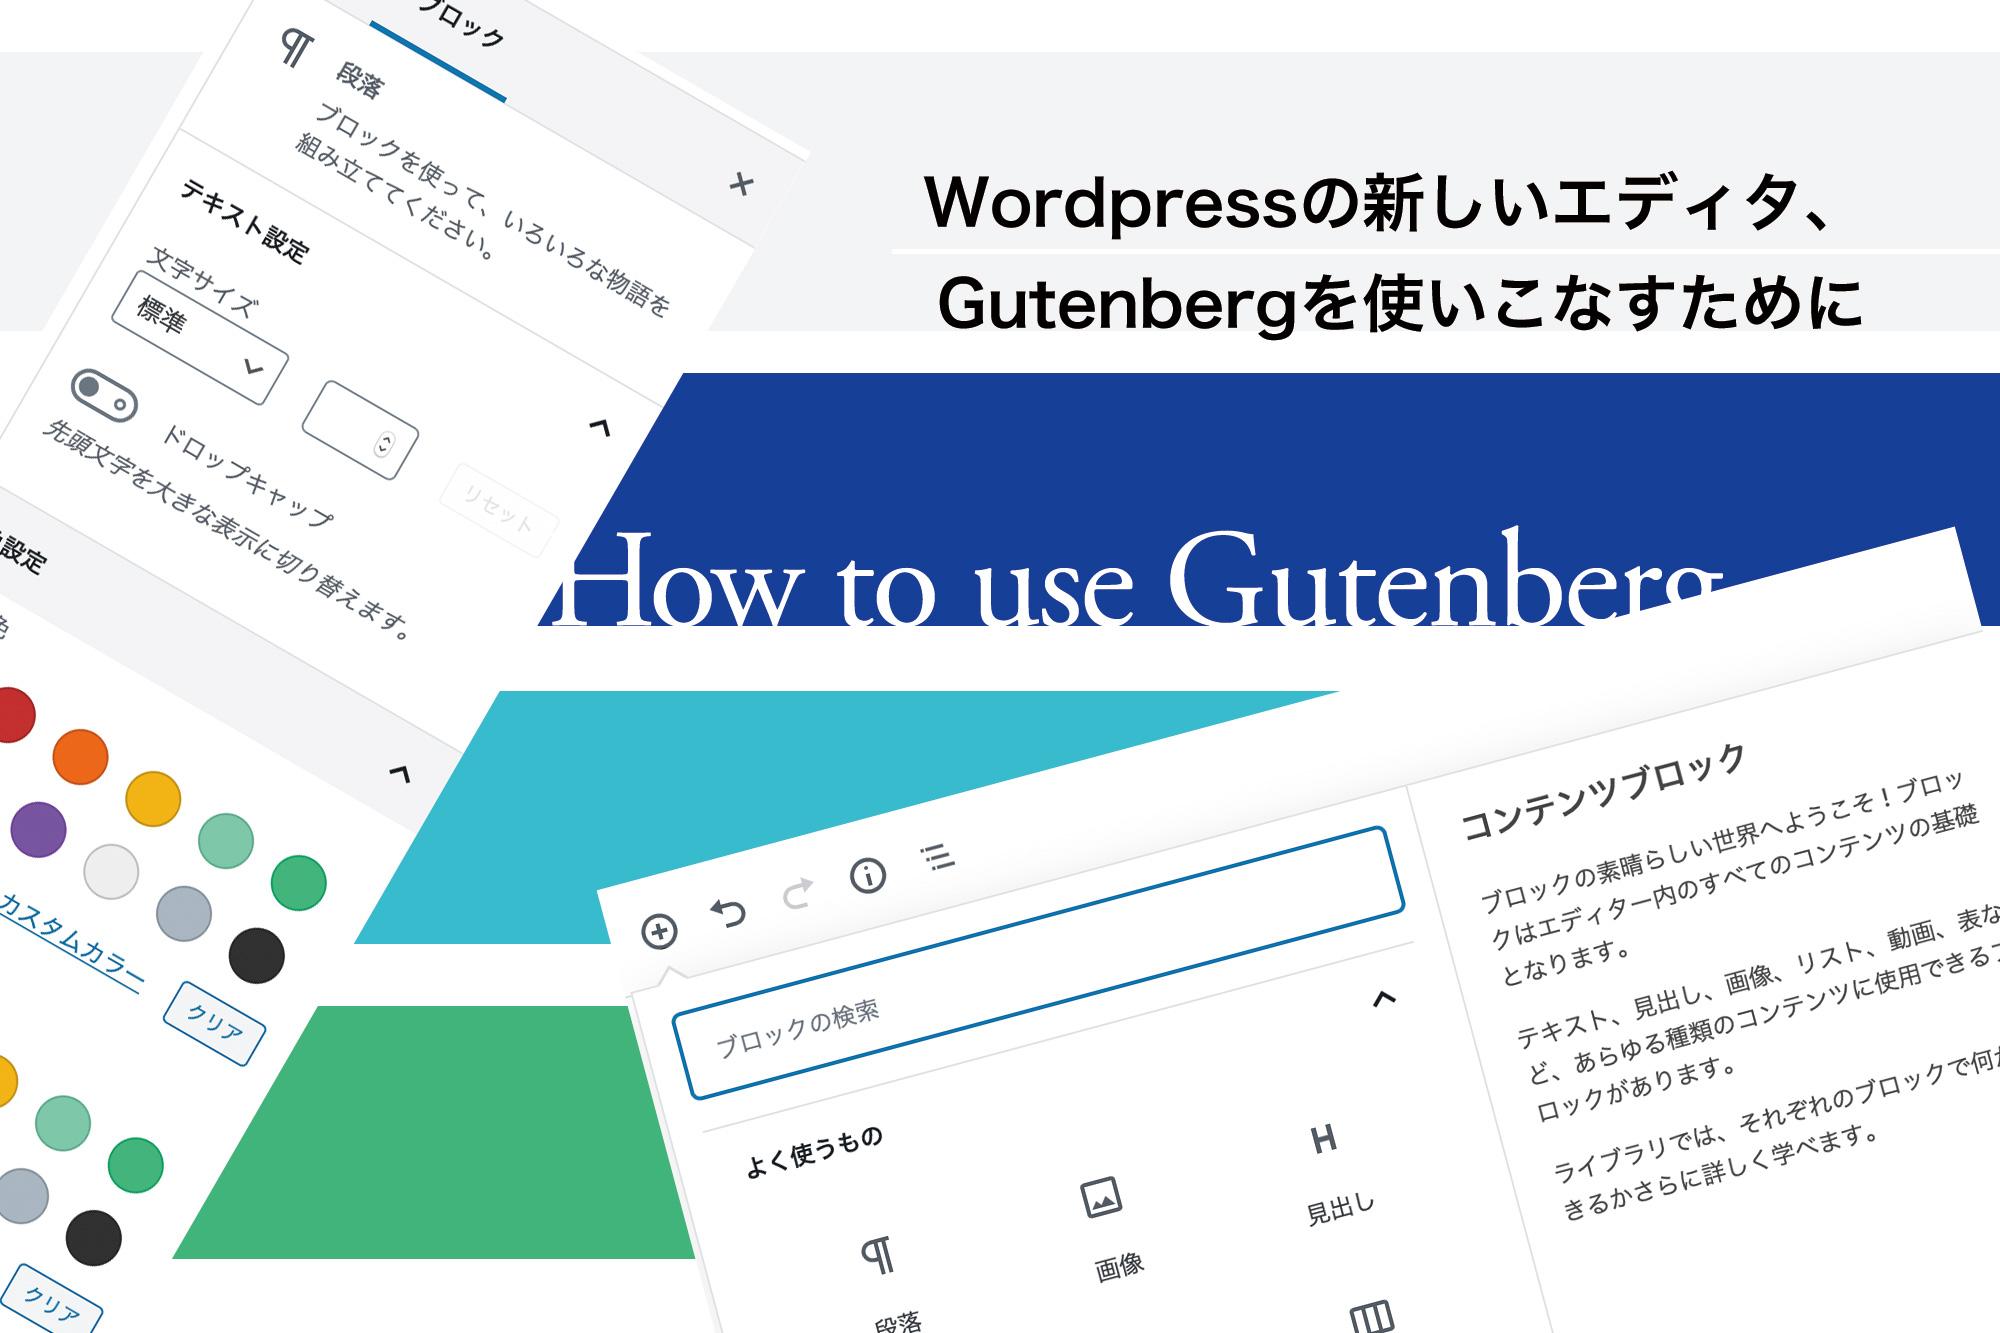 WordPressの新エディタGutenbergを使ったホームページやブログ記事の変更方法4:「引用」「リスト」を使ったテキスト